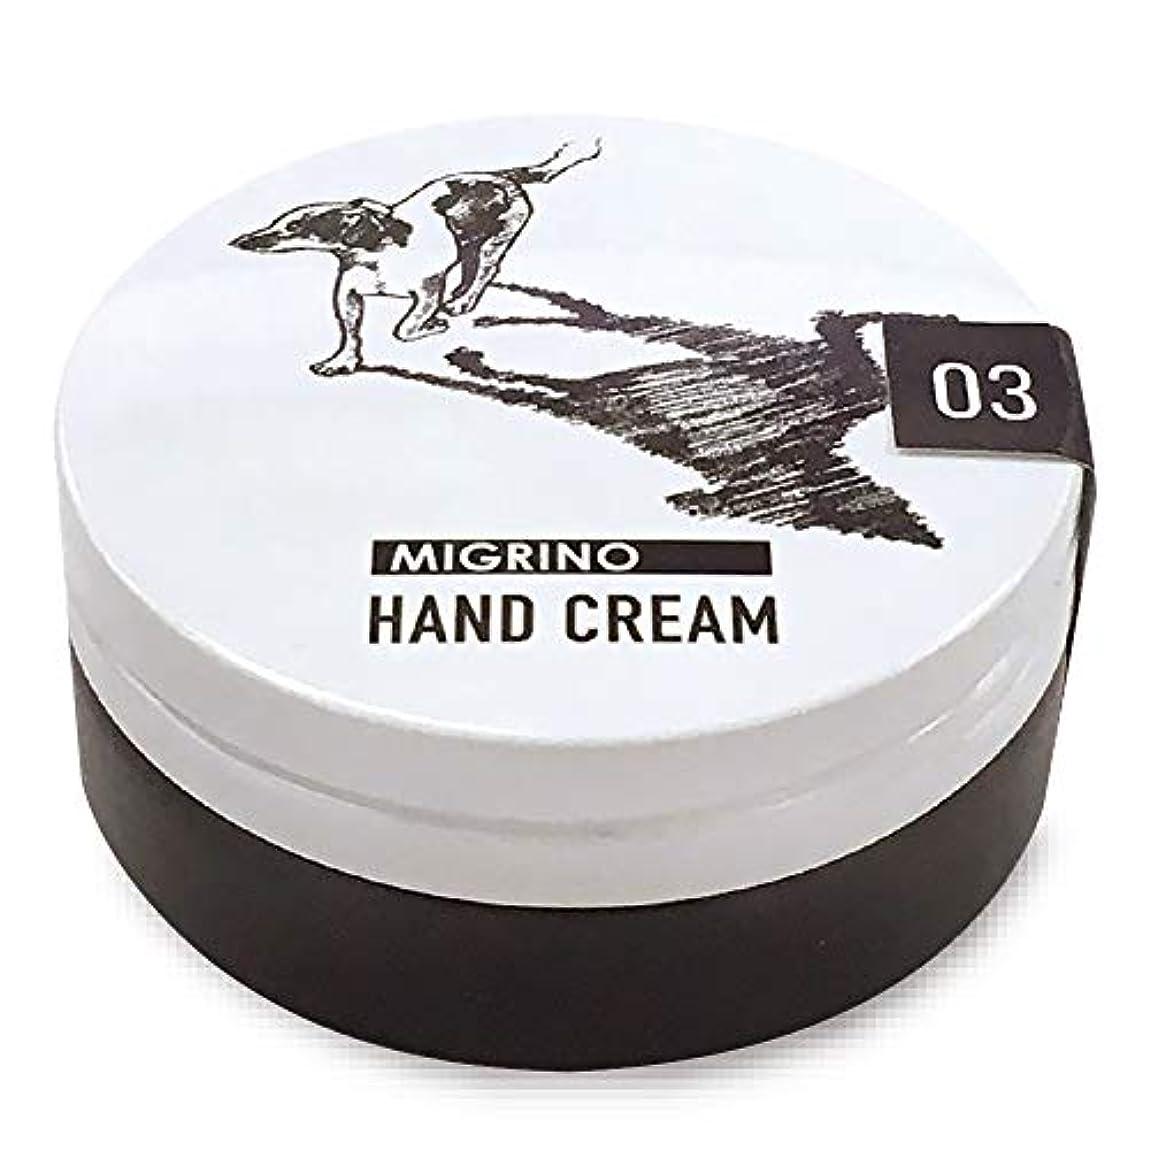 マンハッタン爬虫類規範ノルコーポレーション ハンドクリーム パドロール 保湿成分配合 PAD-9-03 ベルガモットの香り 60g